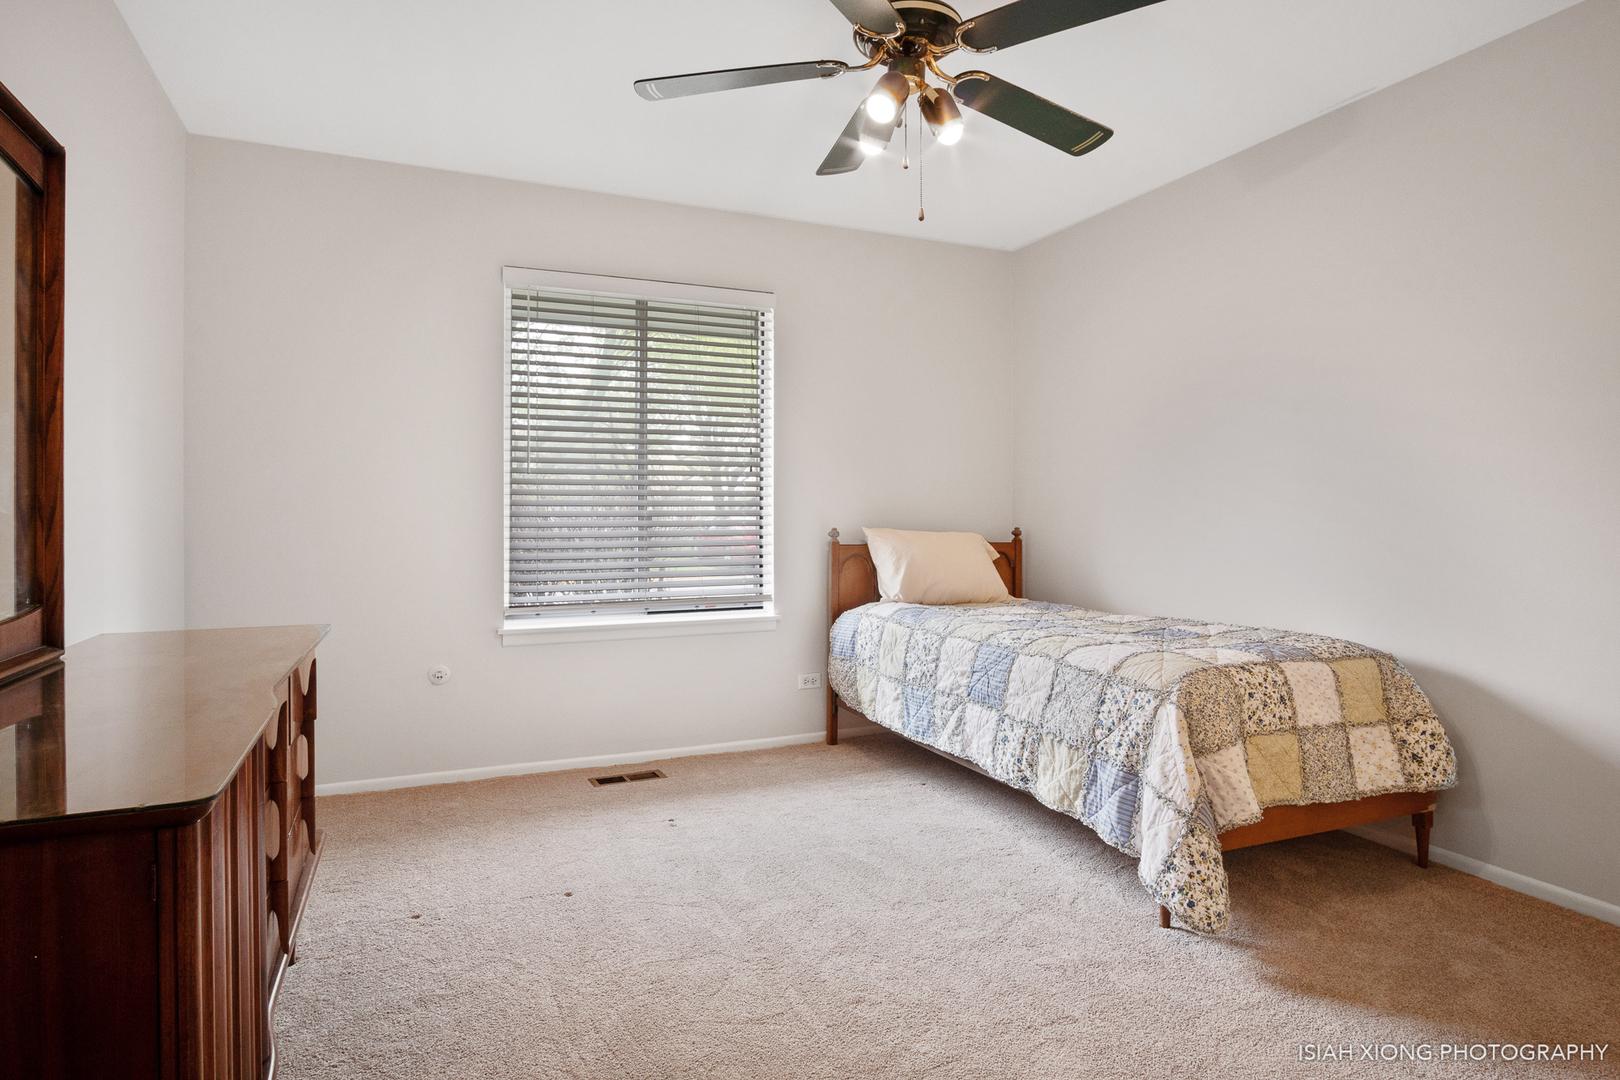 342 Springlake A, AURORA, Illinois, 60504